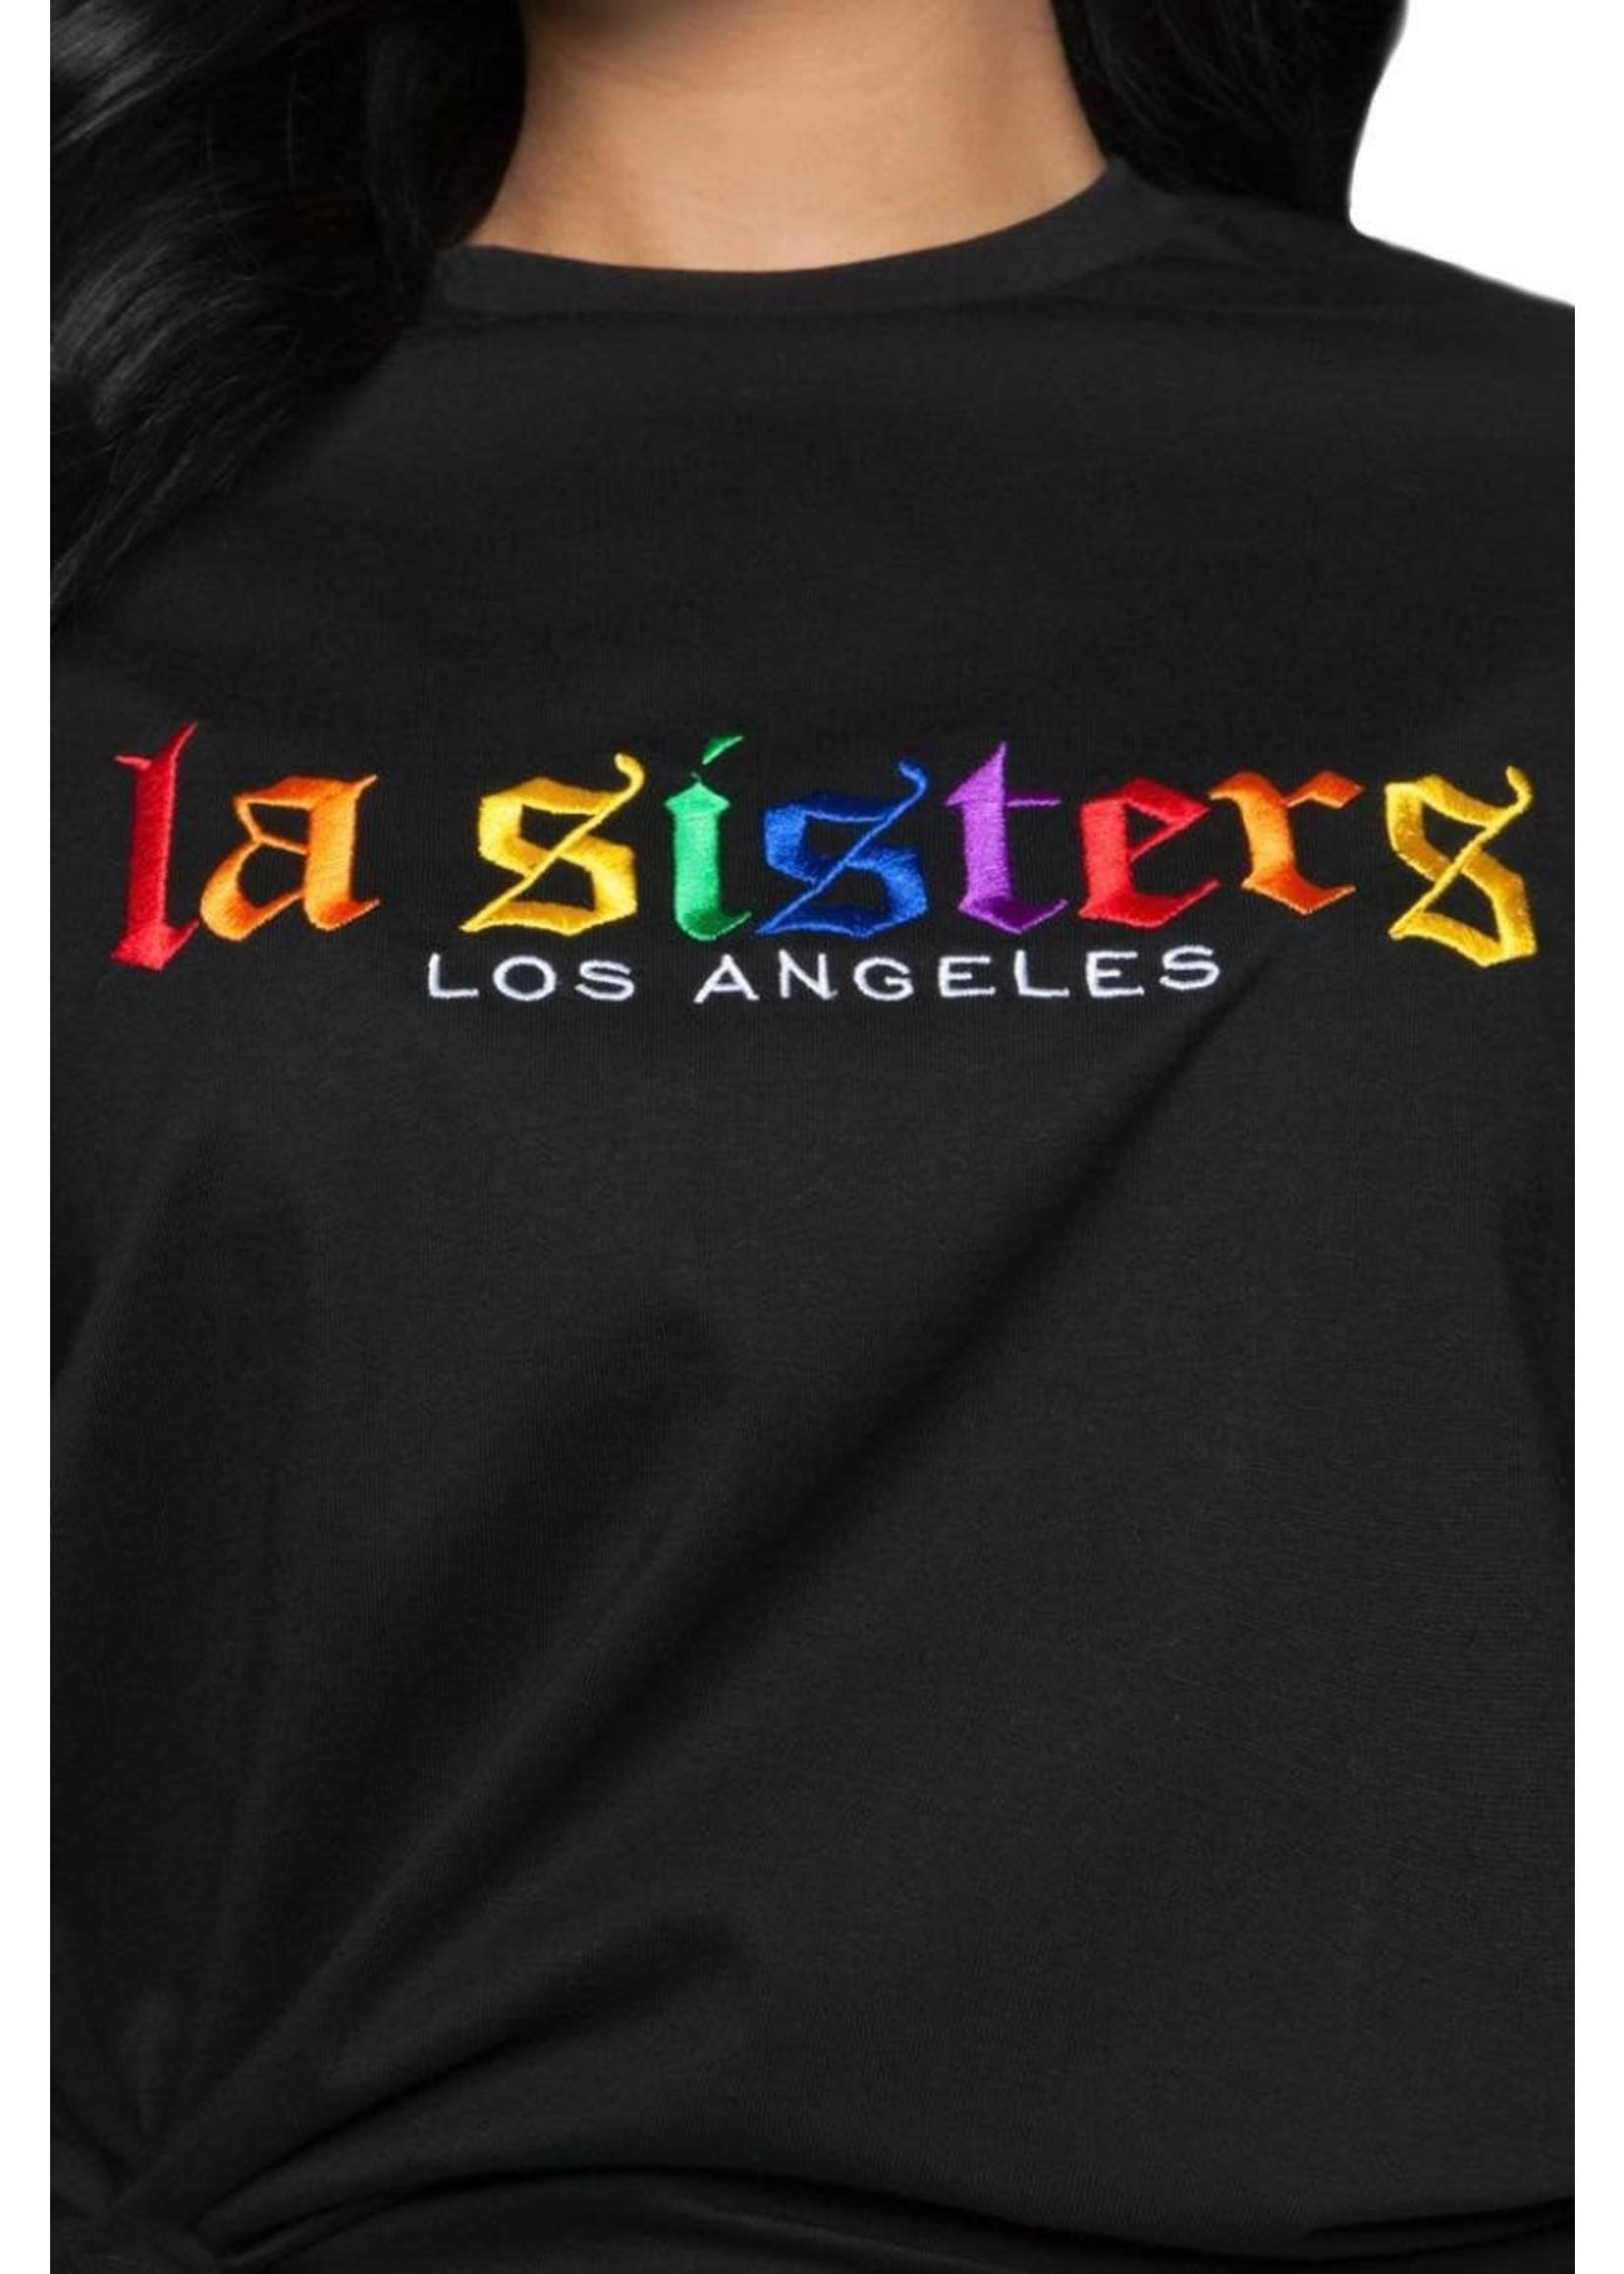 LA Sisters LA Sisters Rainbow Tee - Black